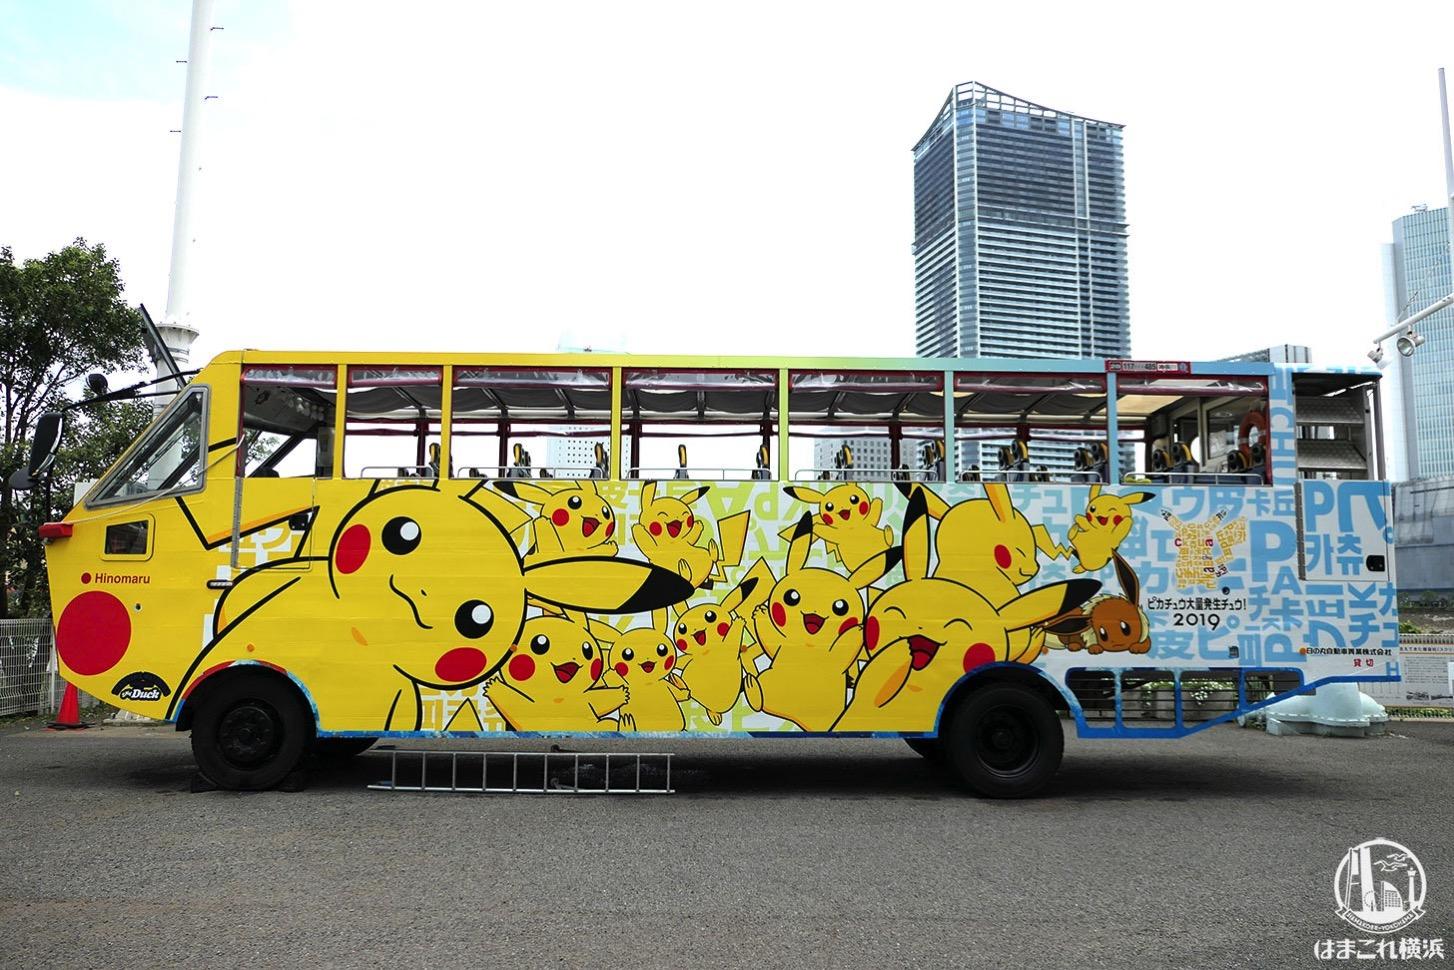 ピカチュウデザインの水陸両用バス